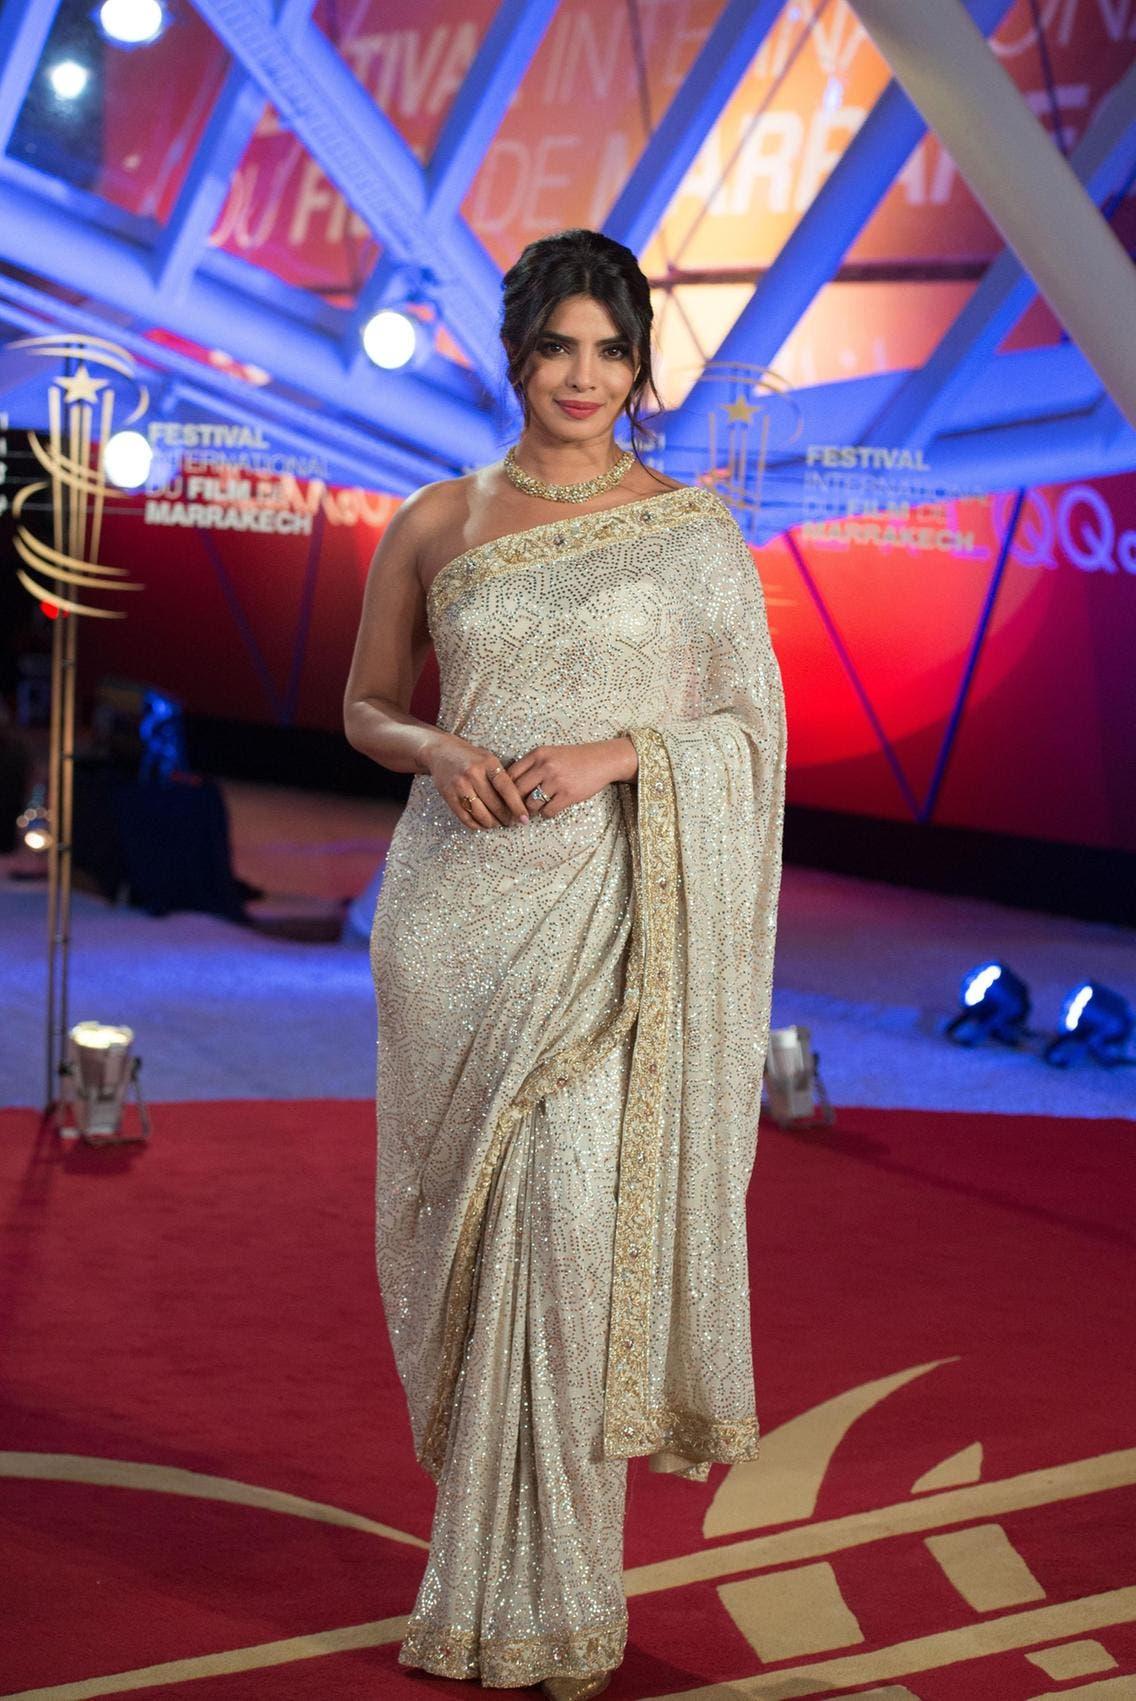 بريانكا في مهرجان مراكش للأفلام السينمائية في العام 2019